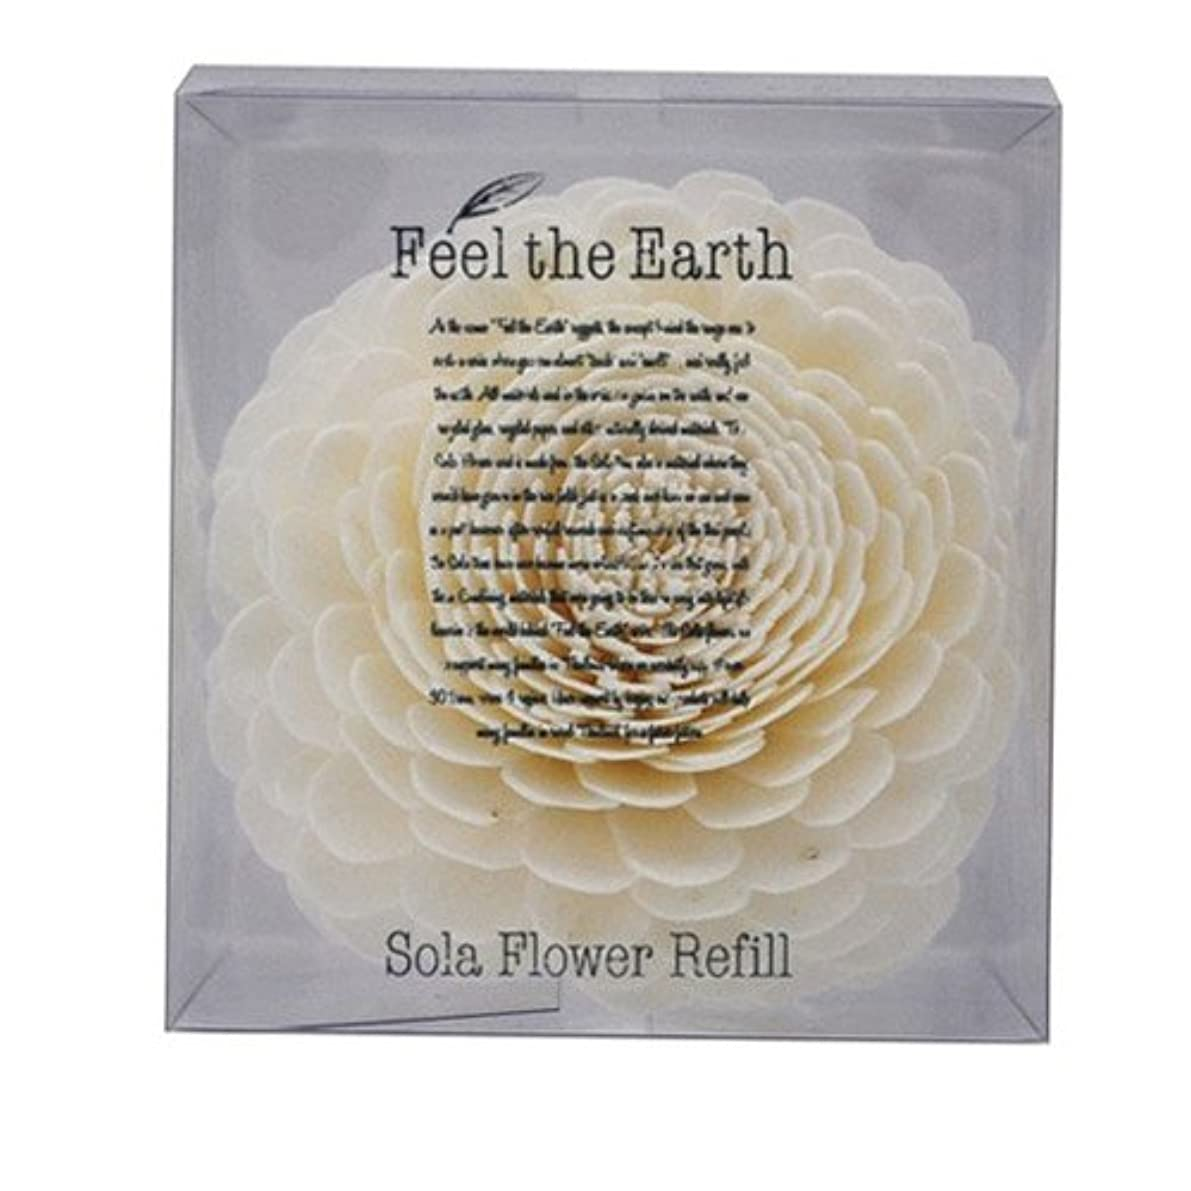 嘆願メールを書く蓋FEEL THE EARTH ソラフラワー リフィル ダリア DAHLIA フィール ジ アース